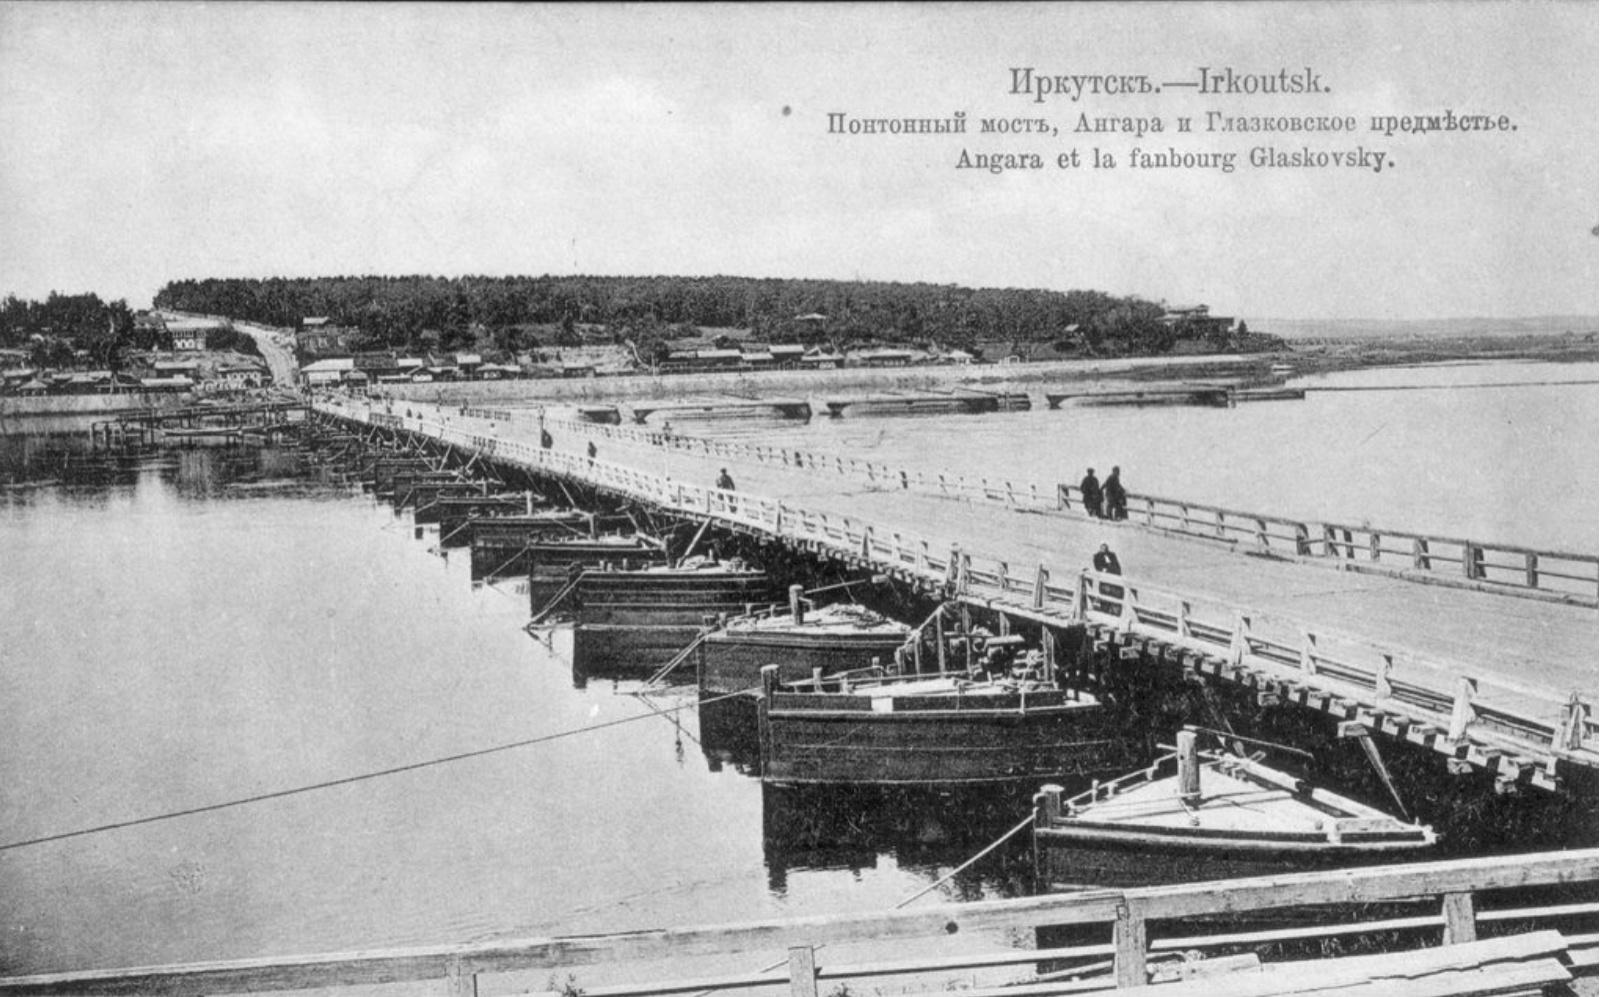 Первый понтонный мост в Иркутске